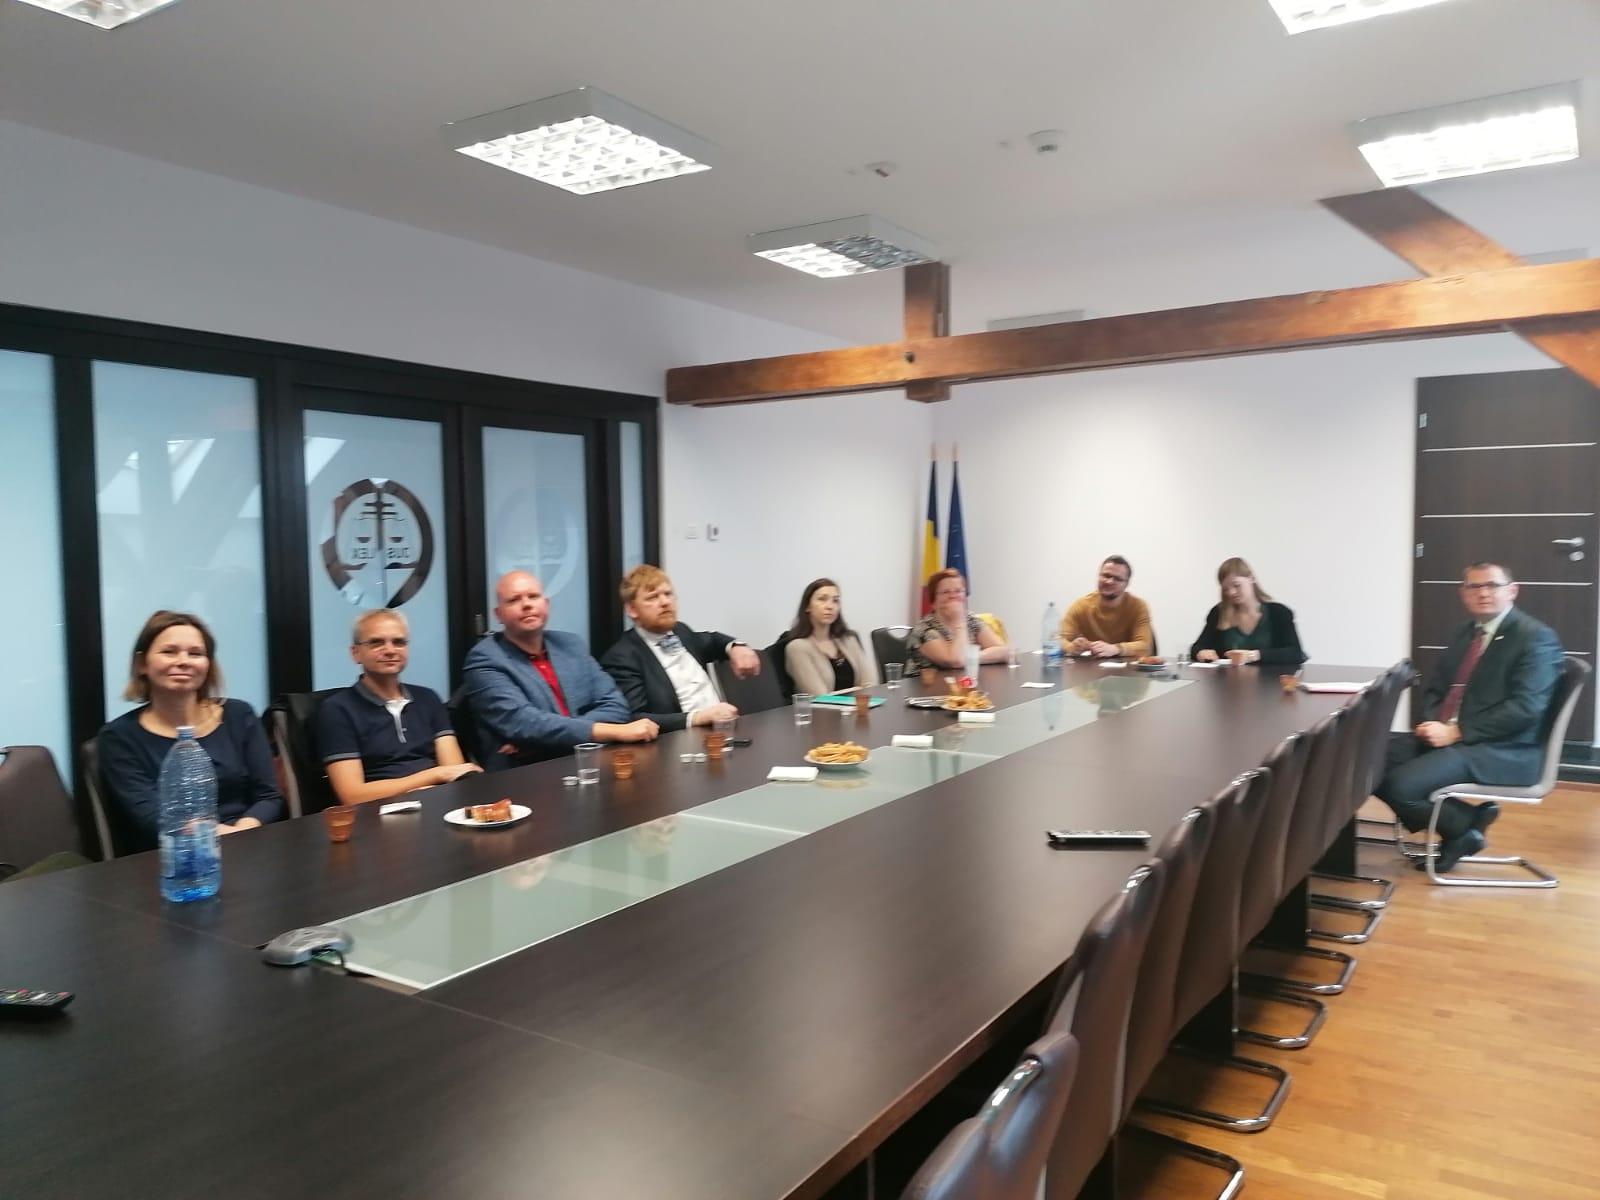 Judecători din străinătate la Tribunalul Arad